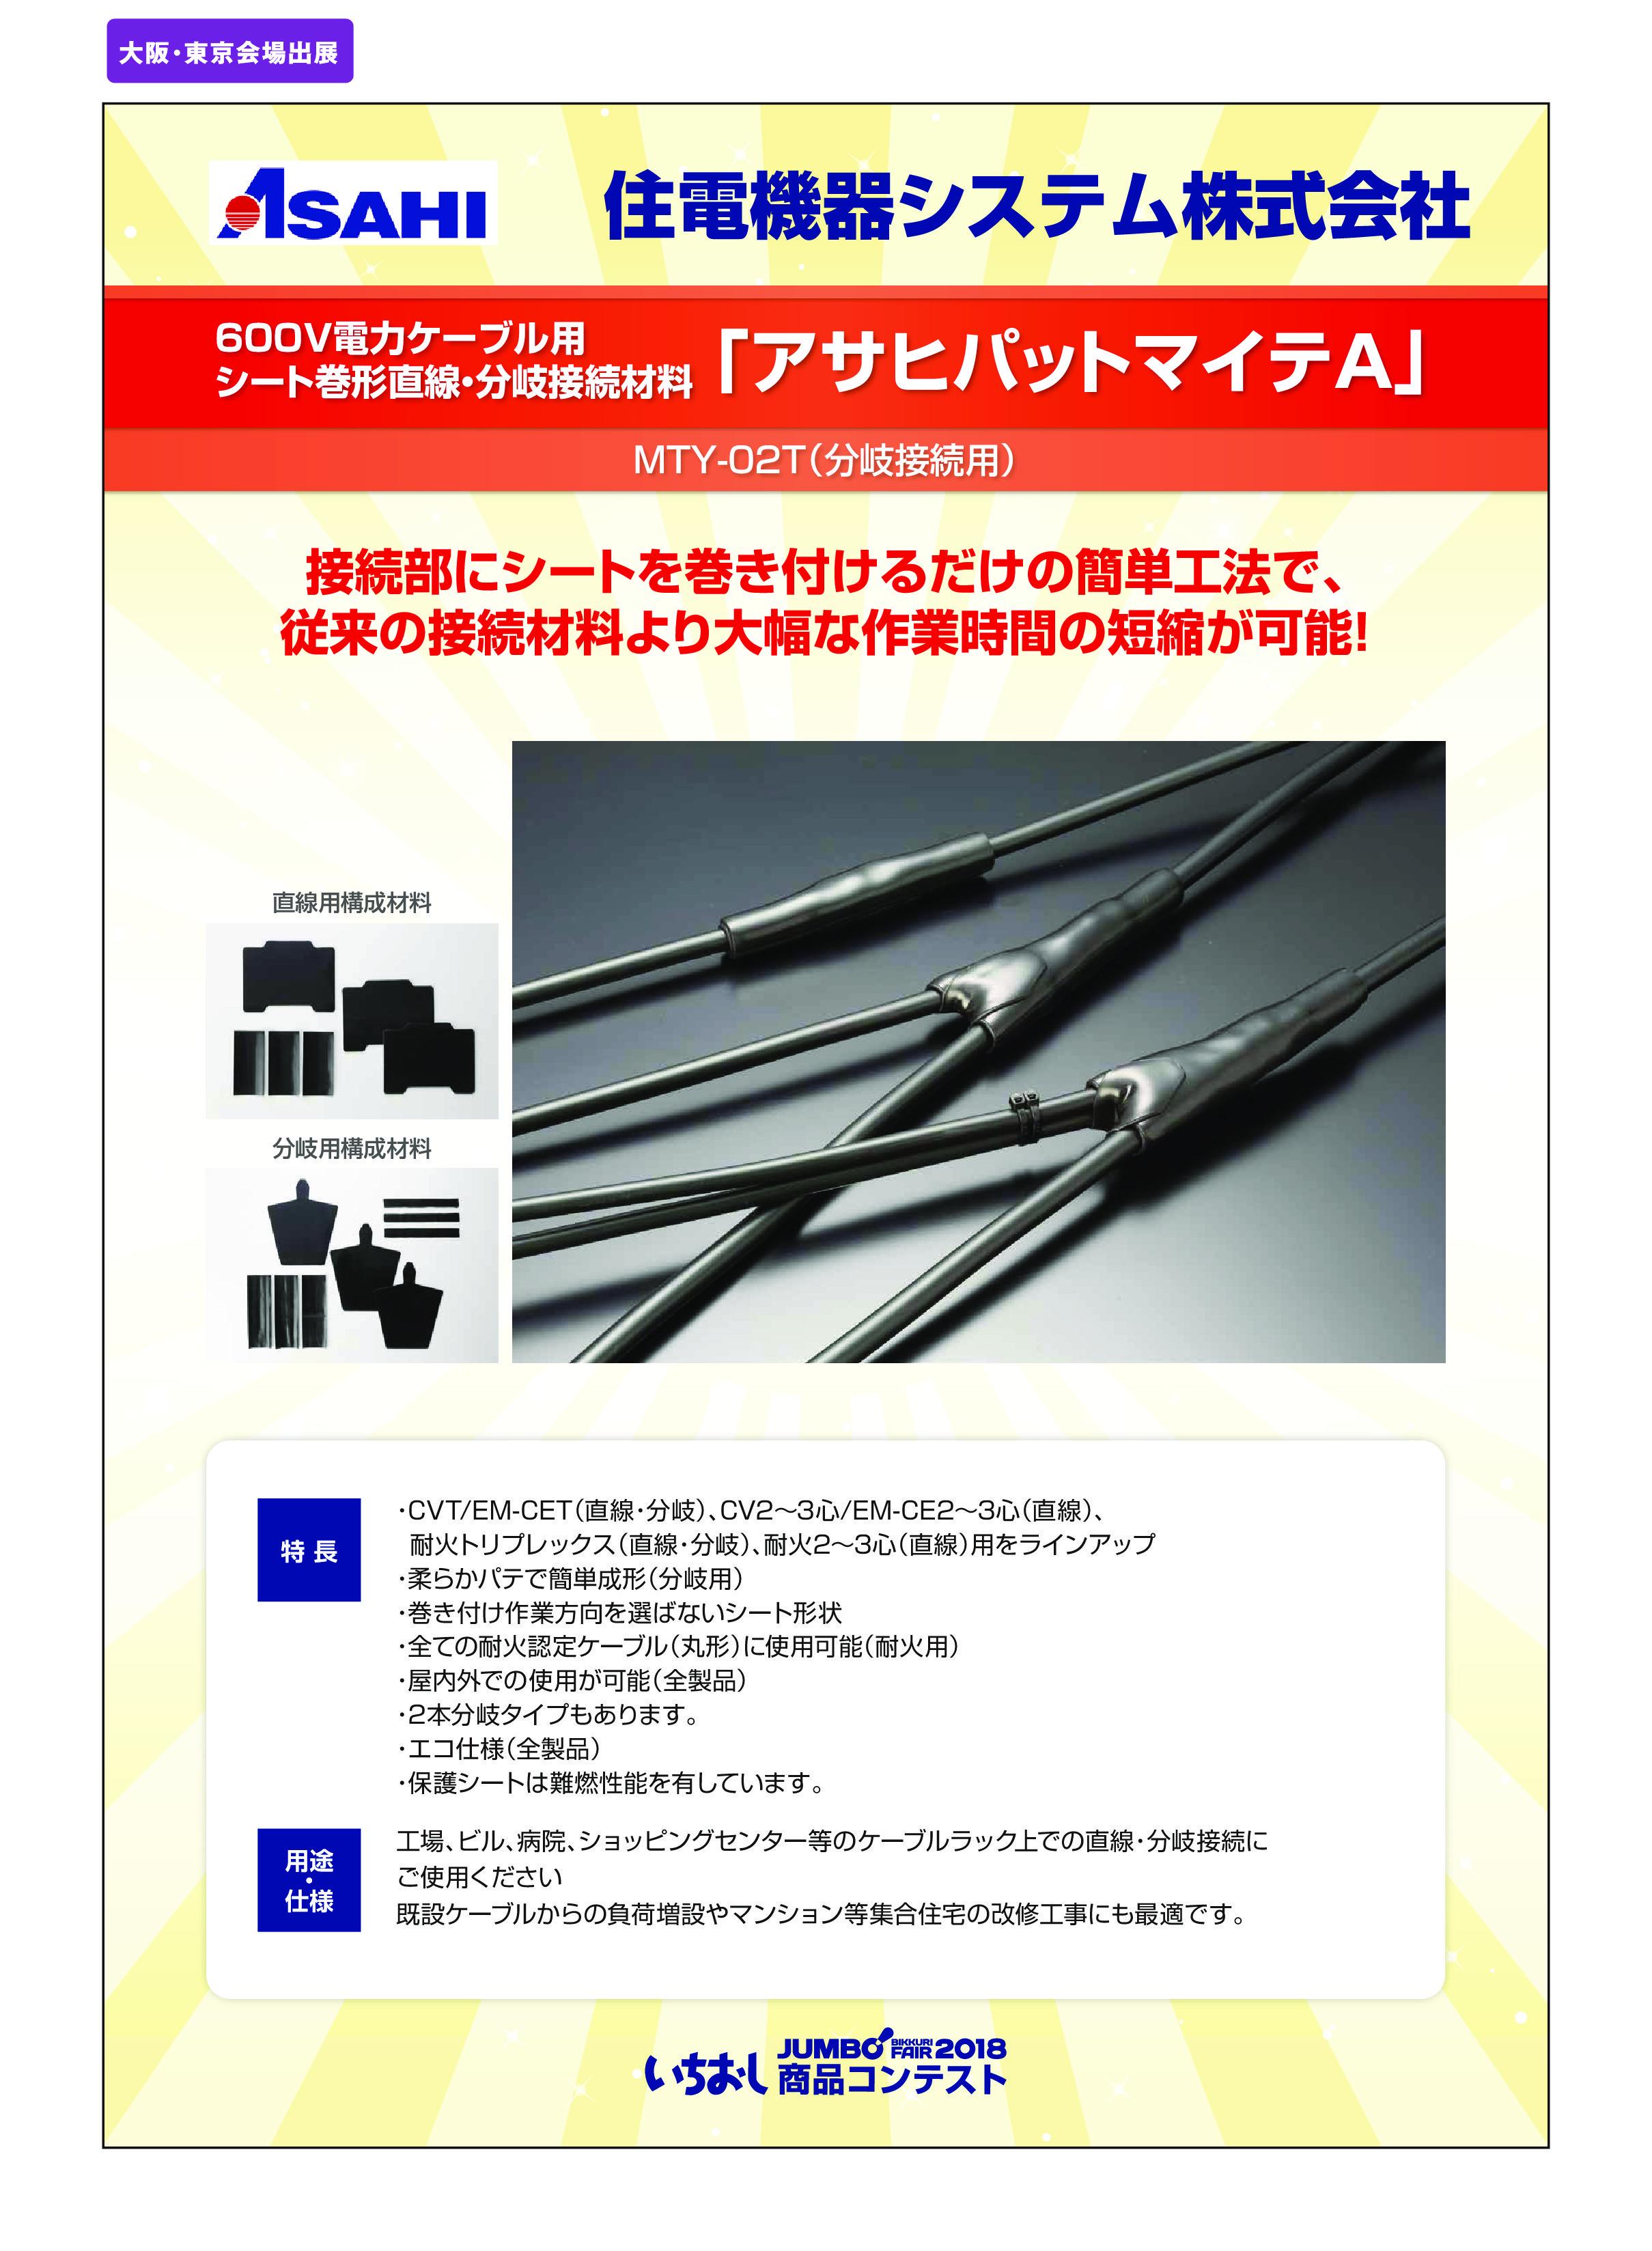 「600V電力ケーブル用 シート巻形直線・分岐接続材料 『アサヒパットマイテA』」住電機器システム株式会社の画像